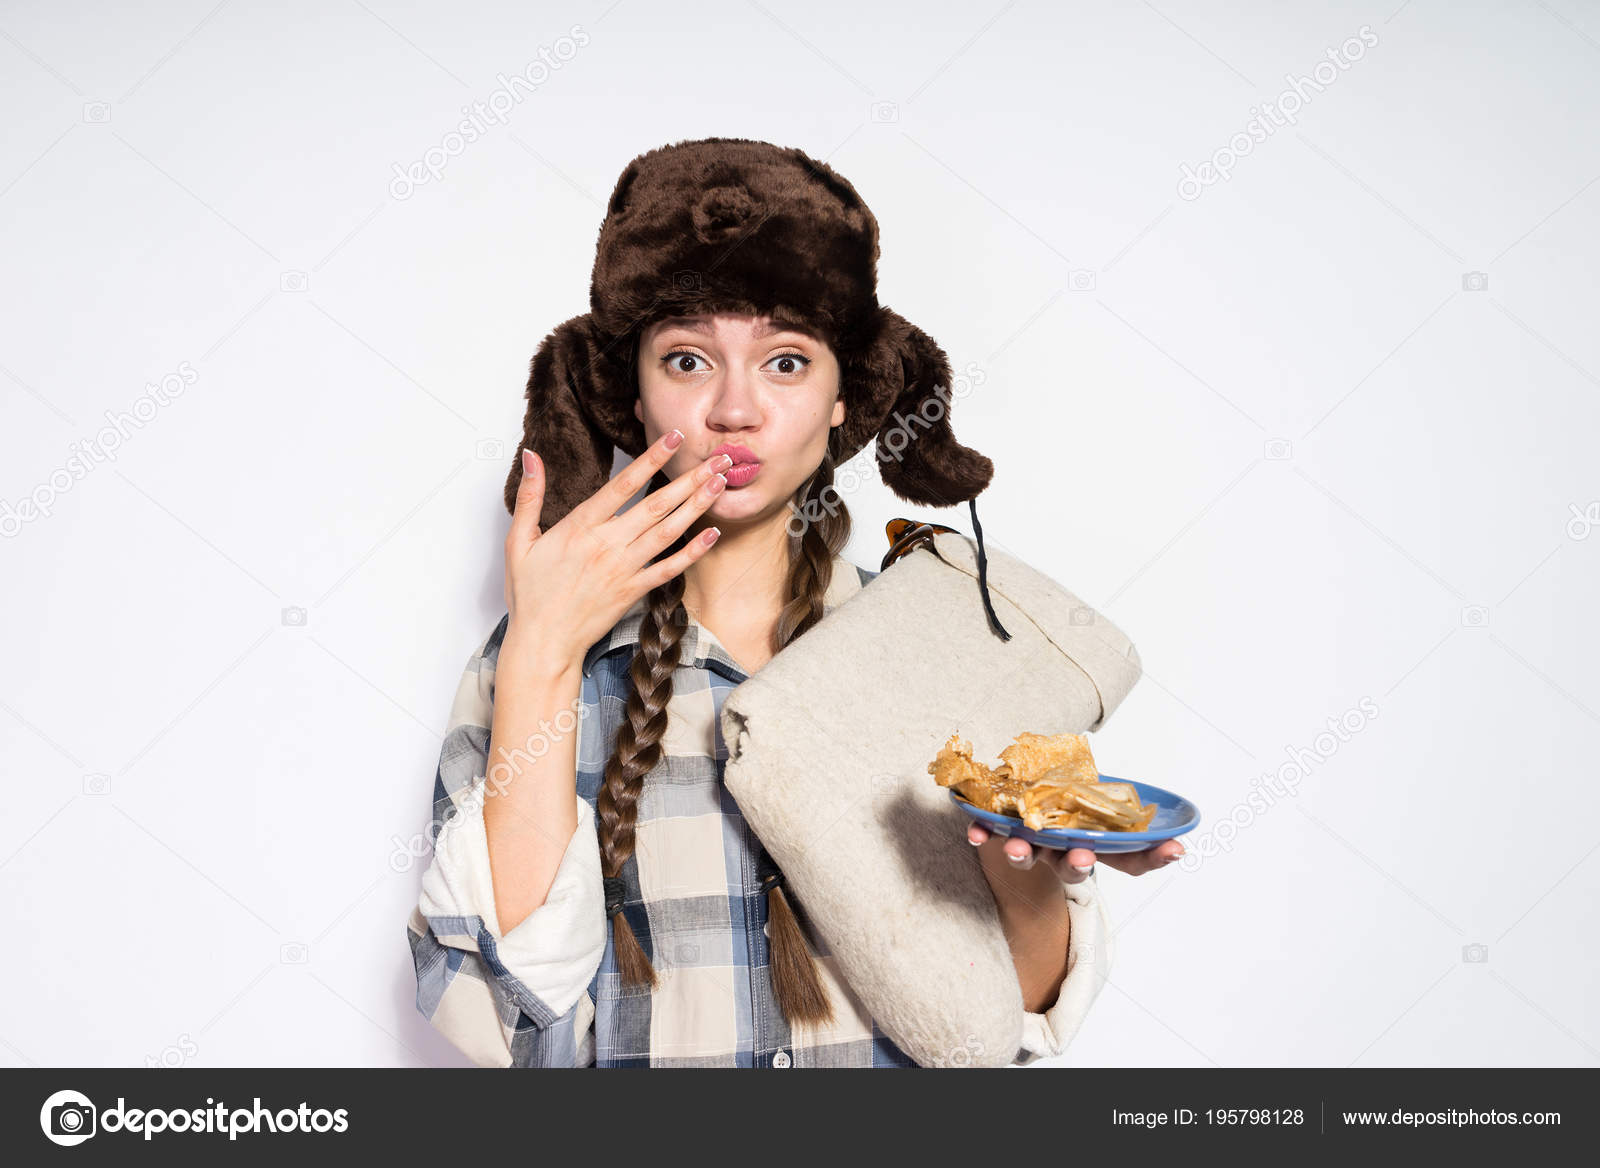 uma jovem russa com rabo de cavalo e um chapéu quente gorro come